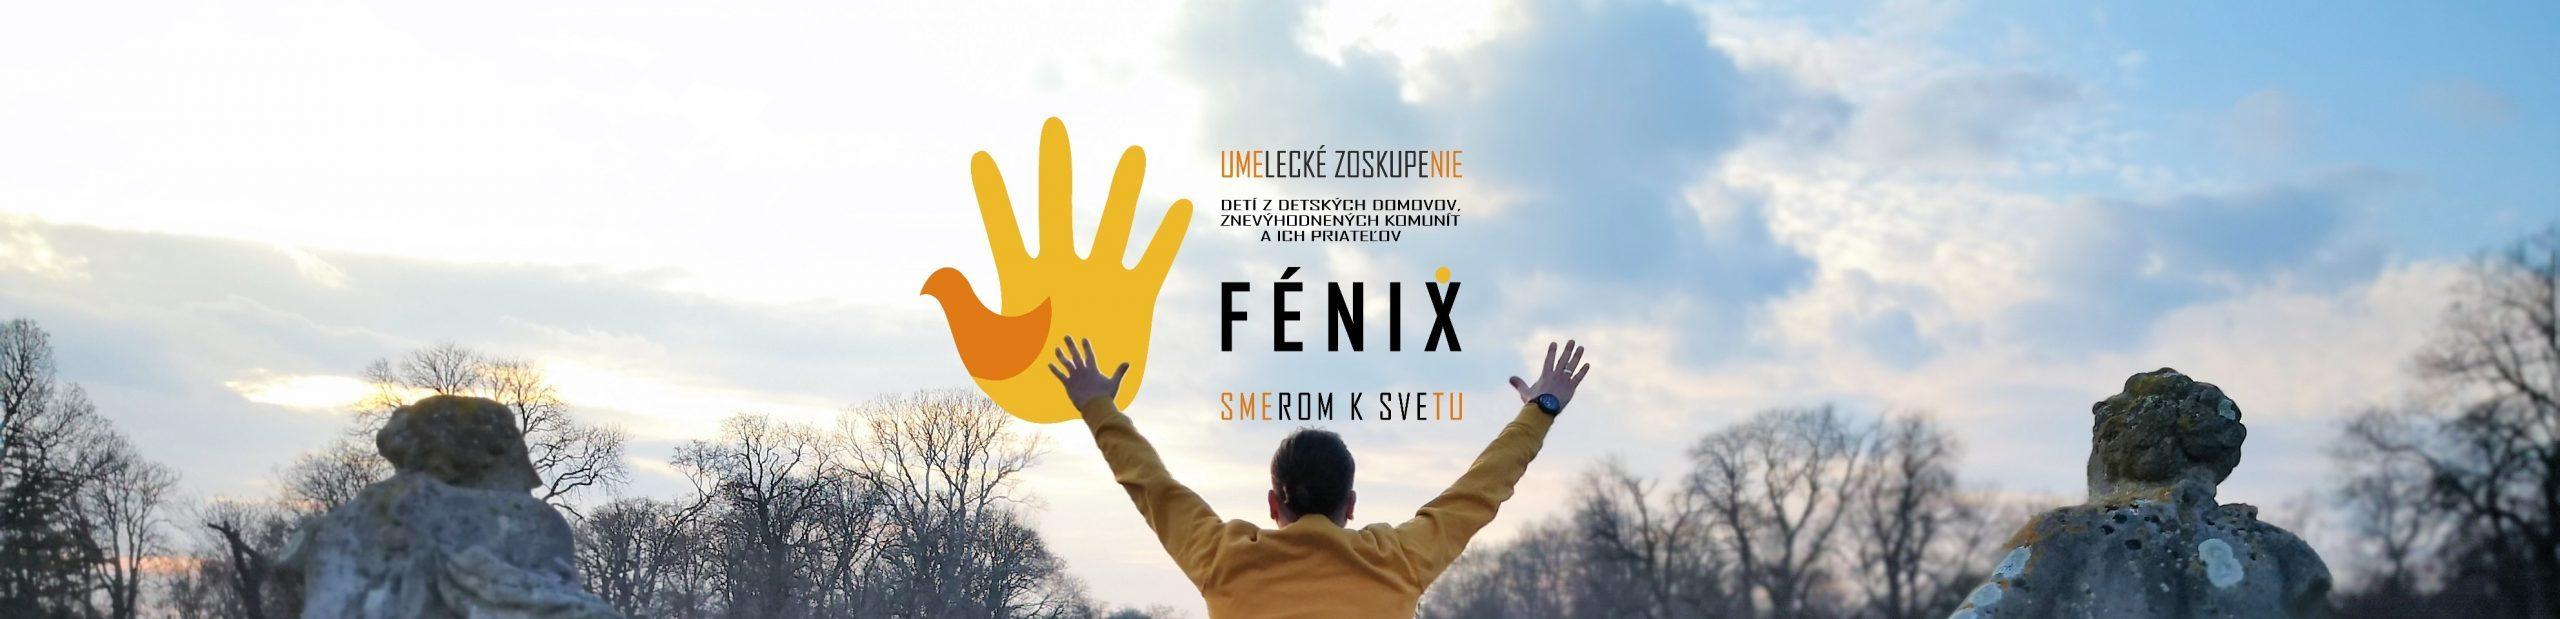 Umelecké zoskupenie detí z detských domovov, znevýhodnených komunít a ich priateľov FÉNIX